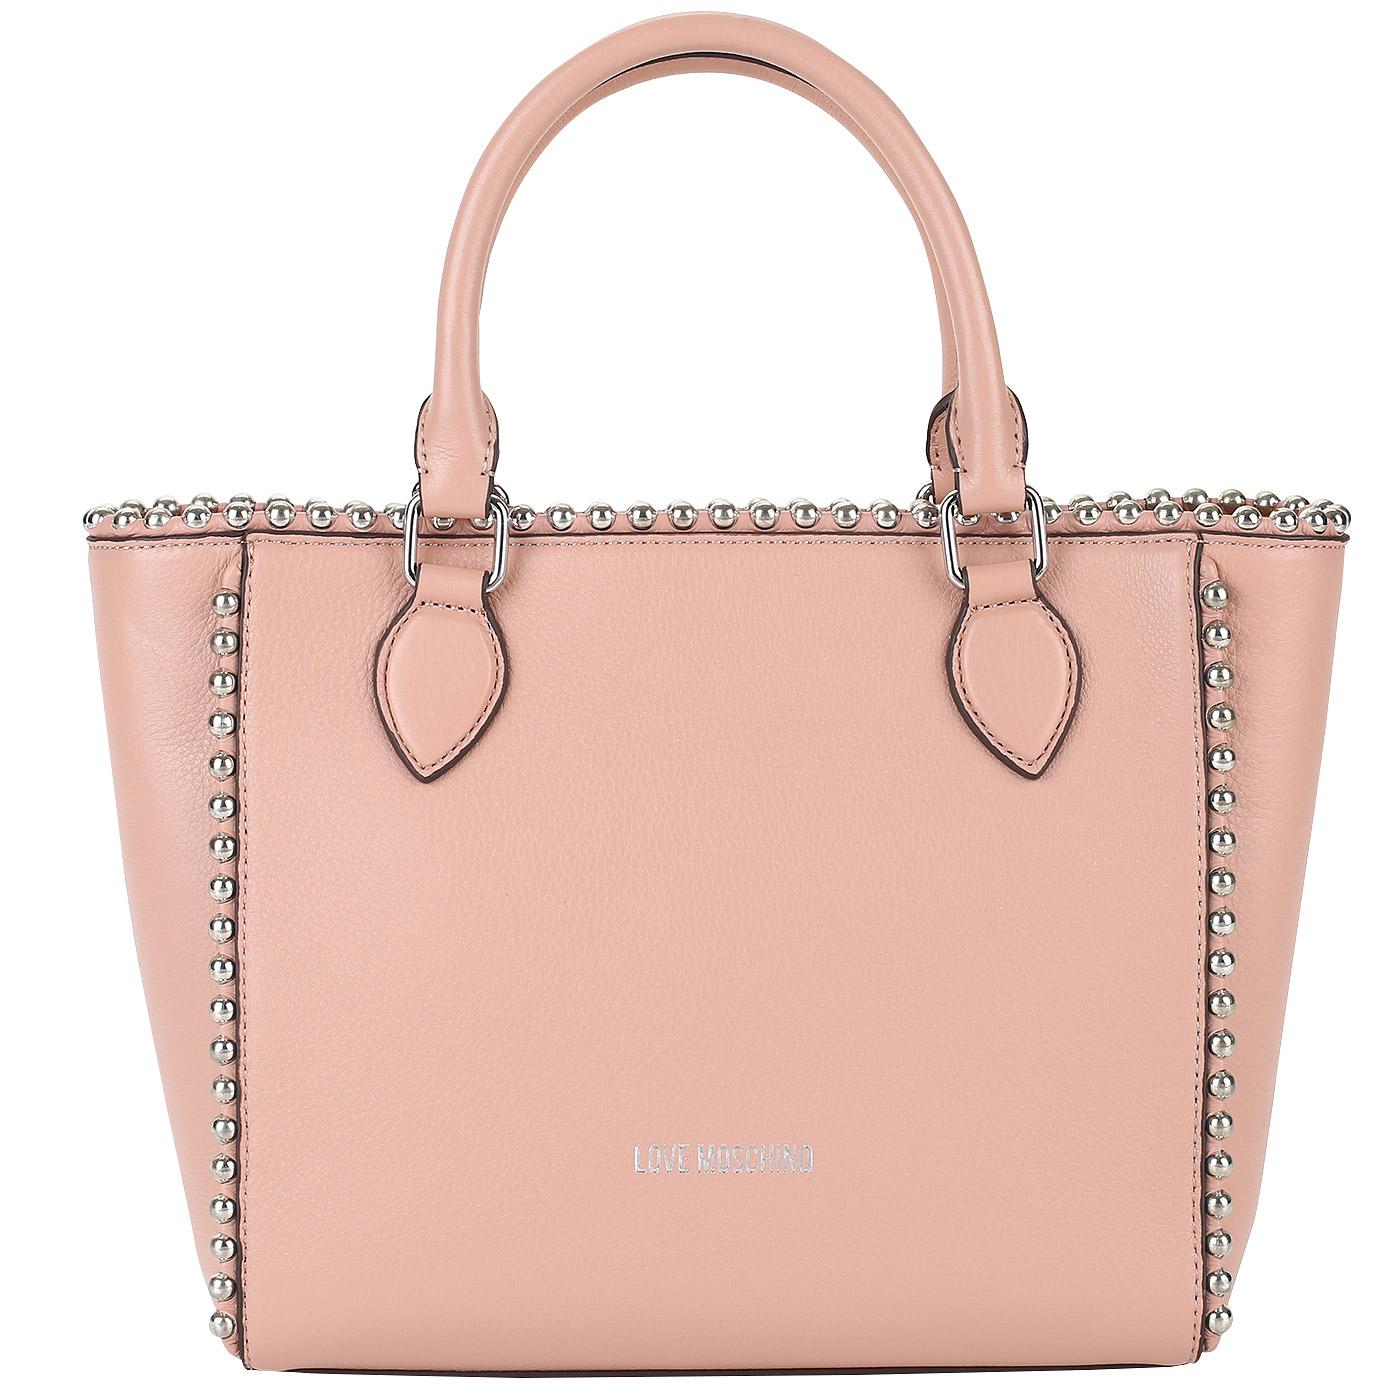 05809c680c04 ... Женская сумка с плечевым ремешком Love Moschino Pallina ...